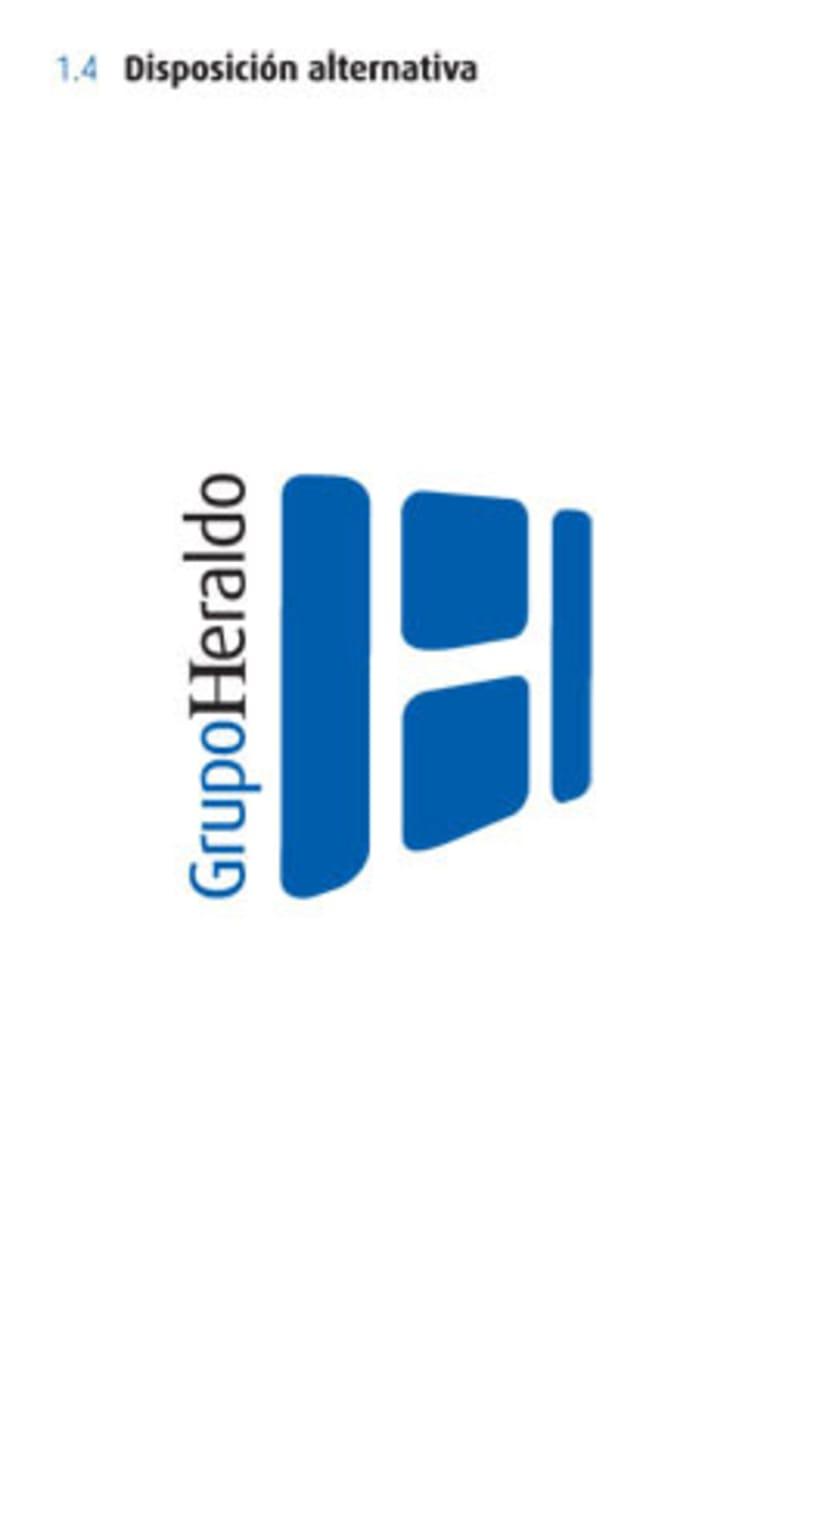 Grupo Heraldo de Aragón. Identidad corporativa 2